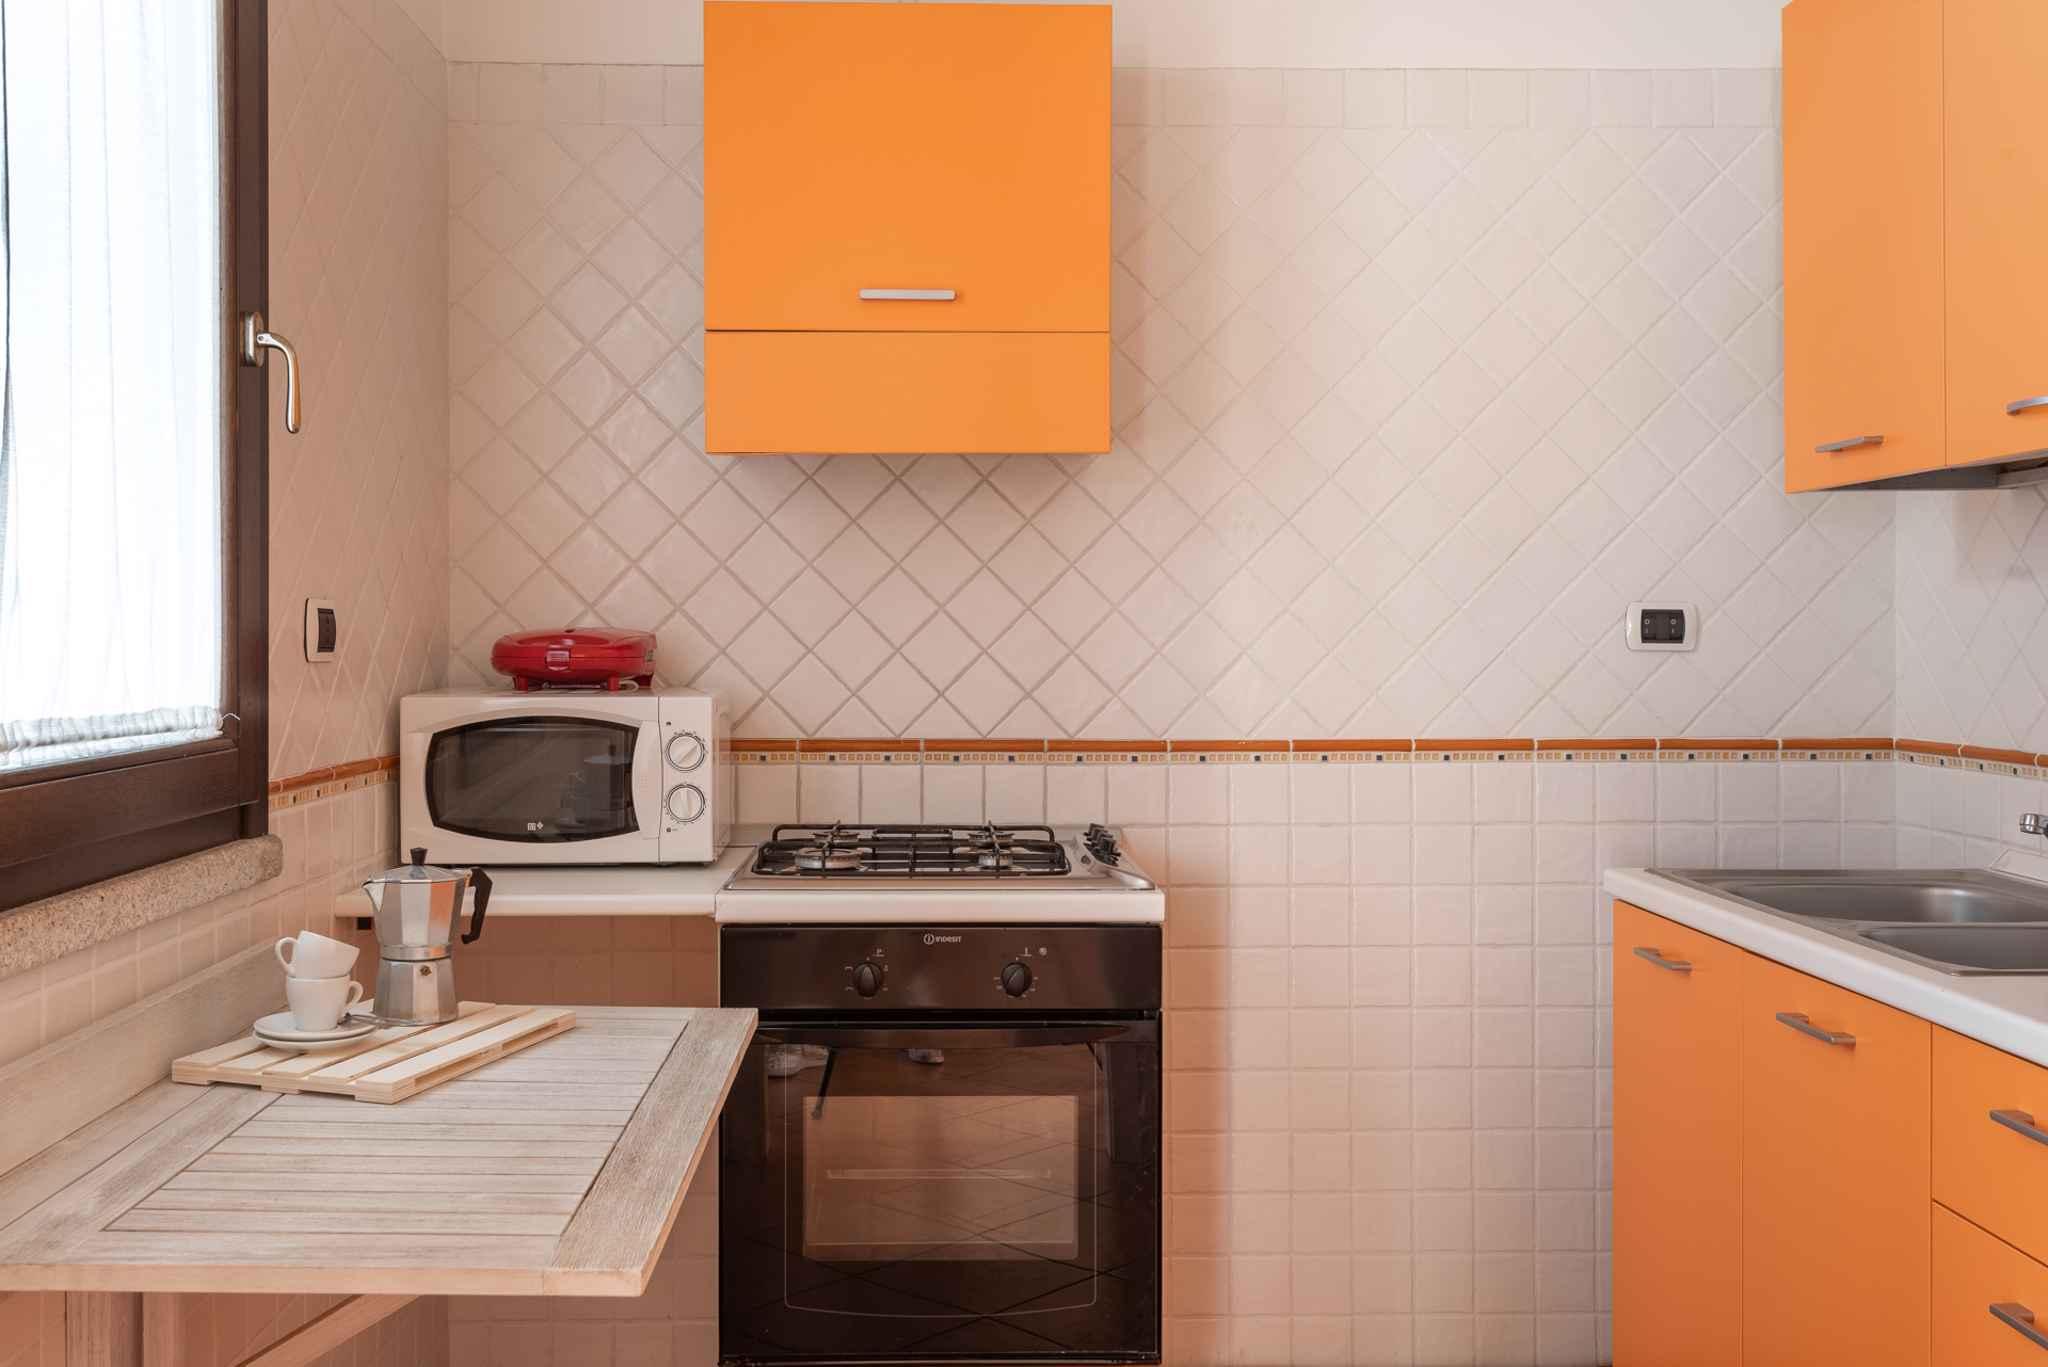 Ferienhaus mit KLimaanlage (2182426), Alghero, Sassari, Sardinien, Italien, Bild 13